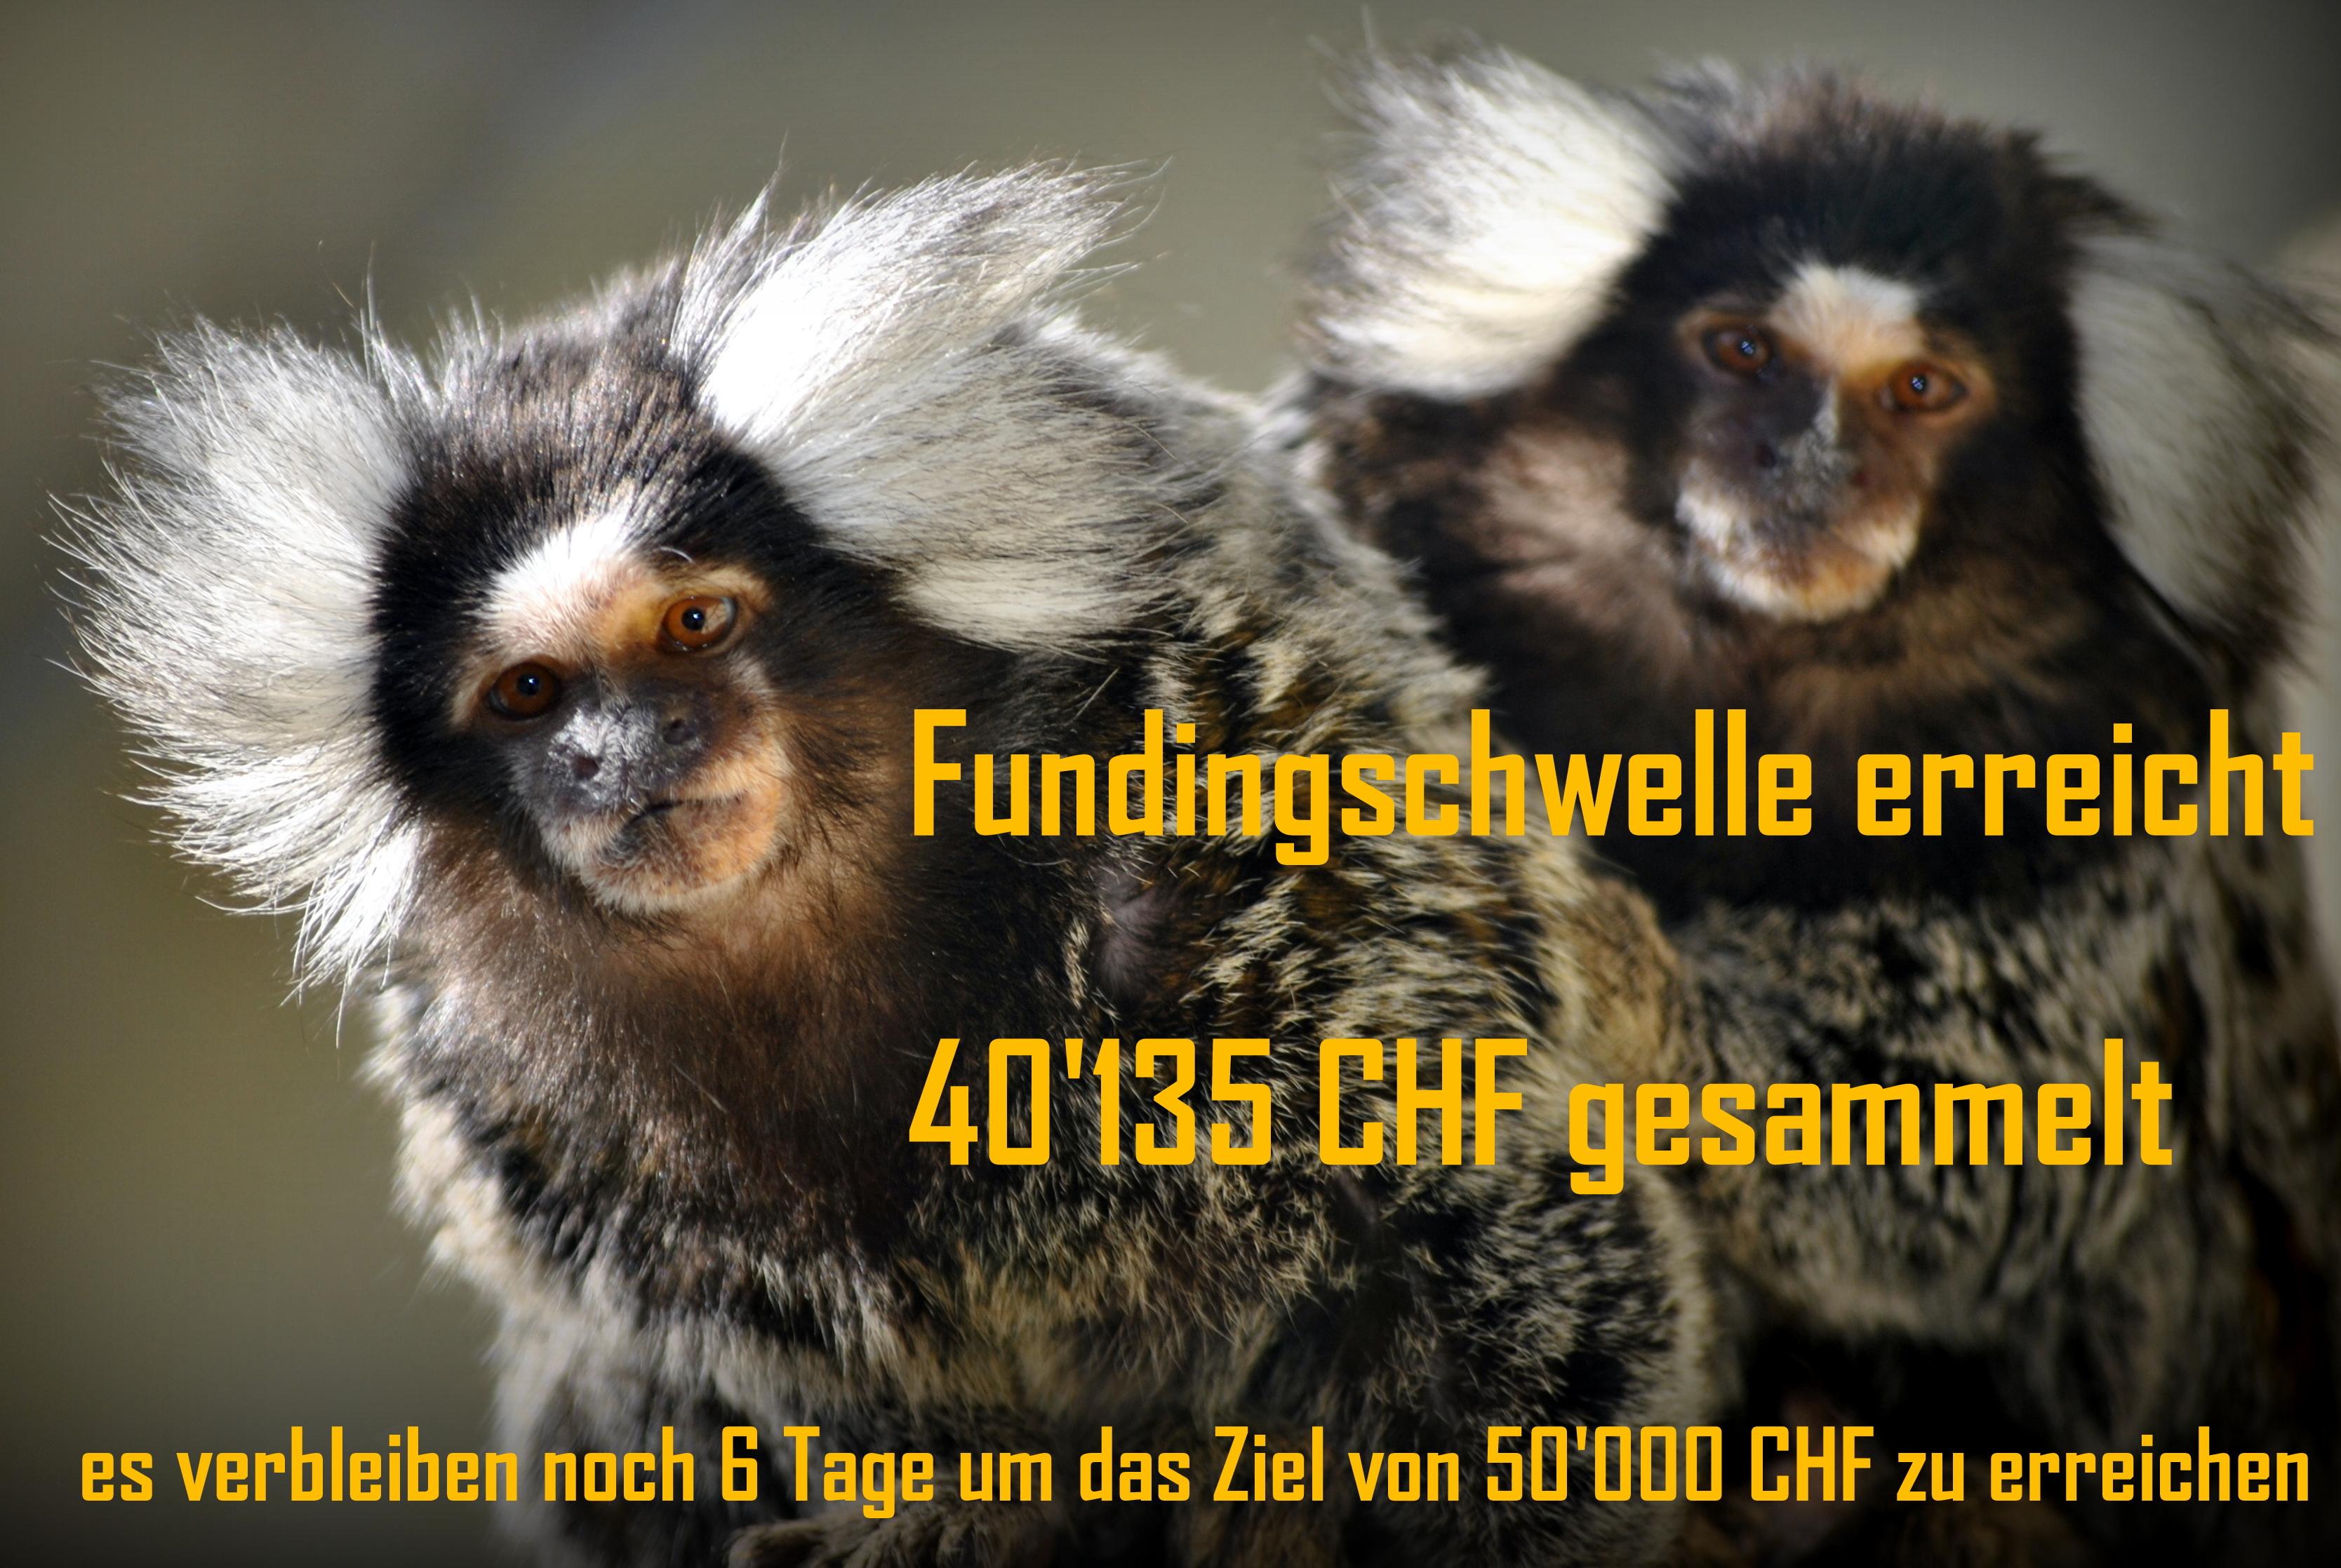 Fundingschwelle_erreicht.JPG